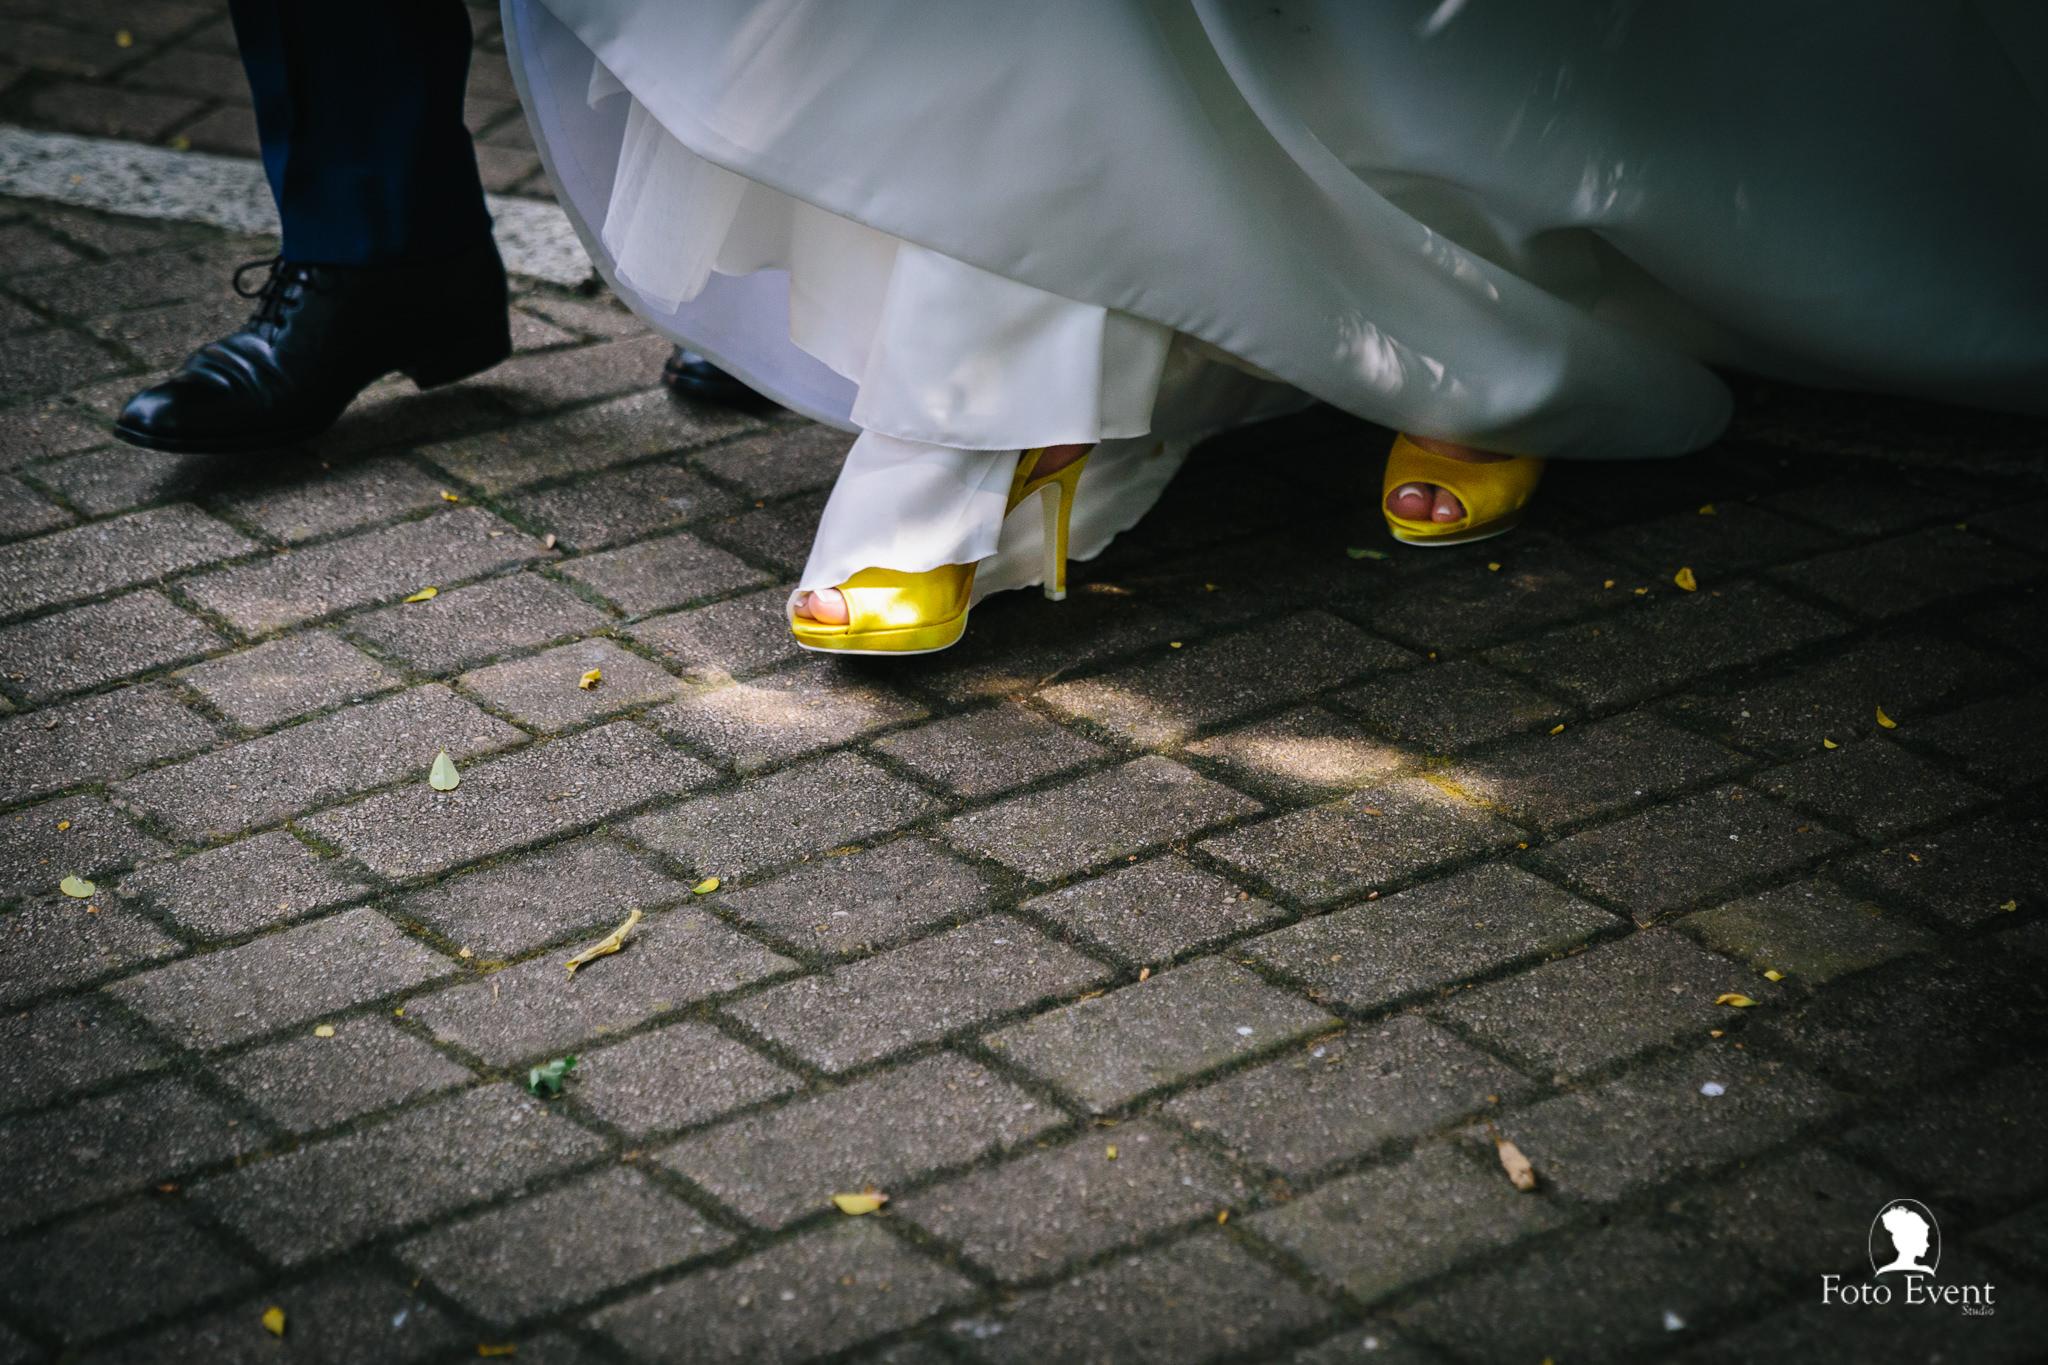 039-2019-07-27-Matrimonio-Valentina-e-Alessandro-Pettinari-5DE-572